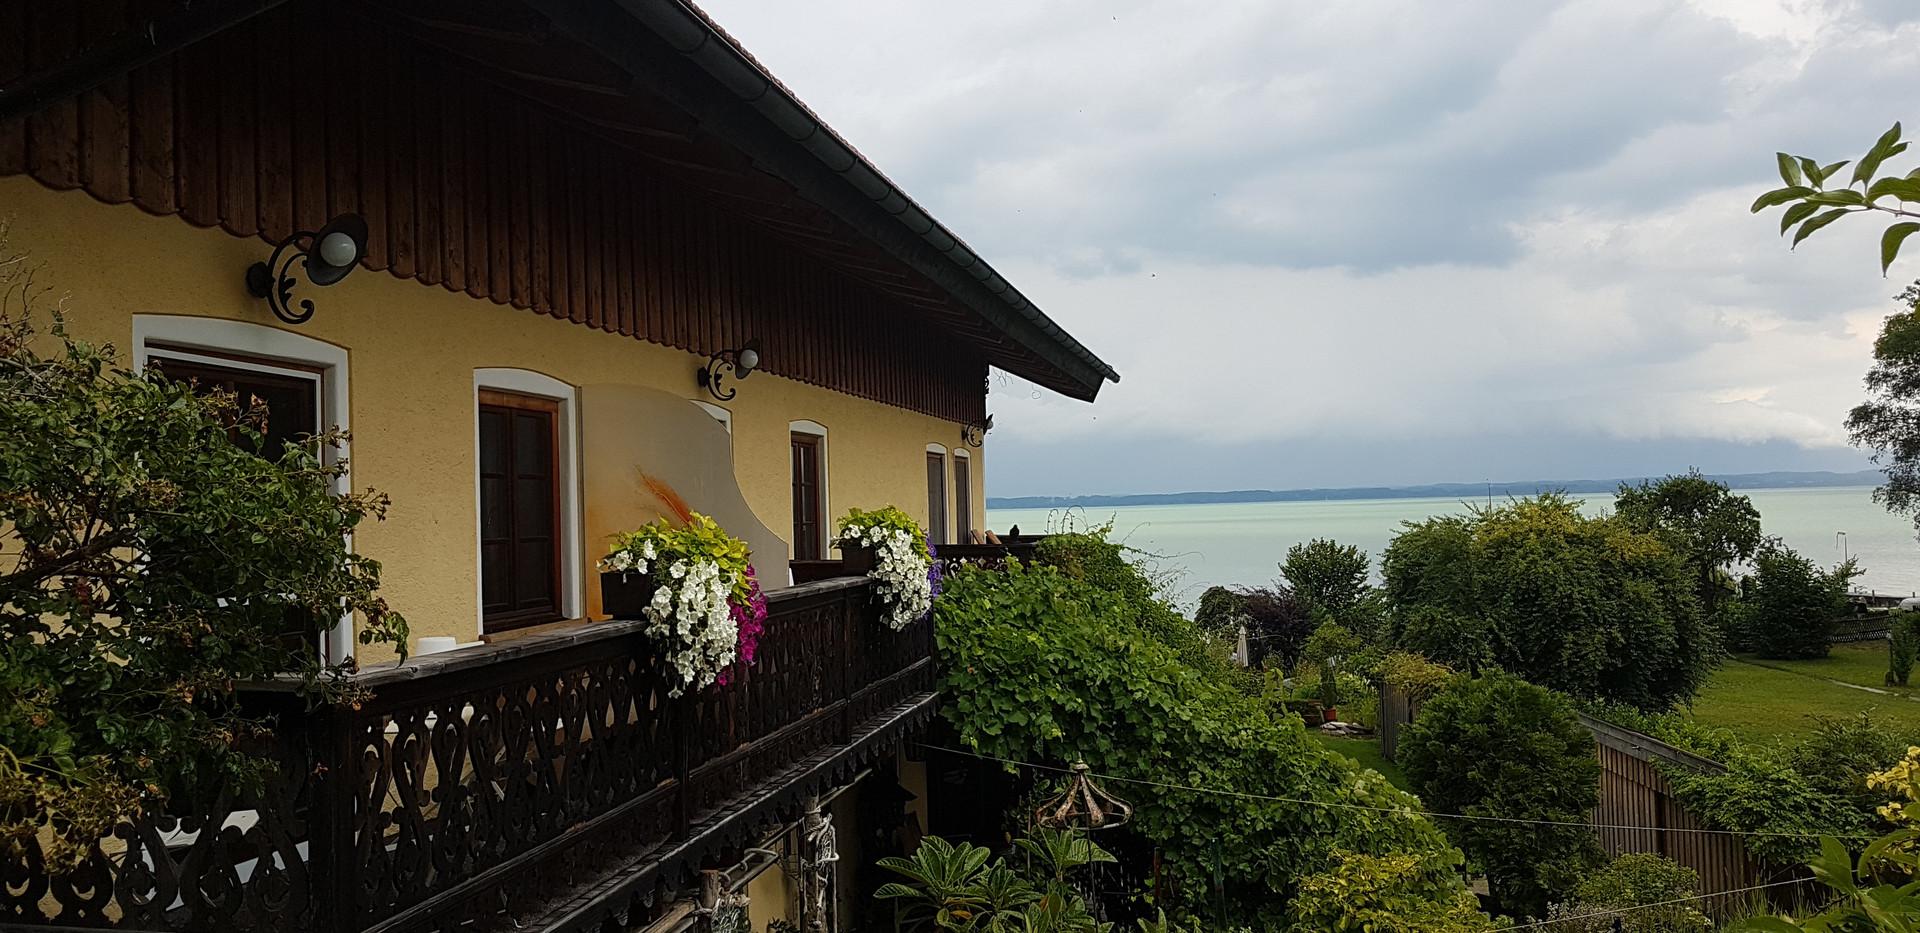 Seitenansicht des Hauses.jpg